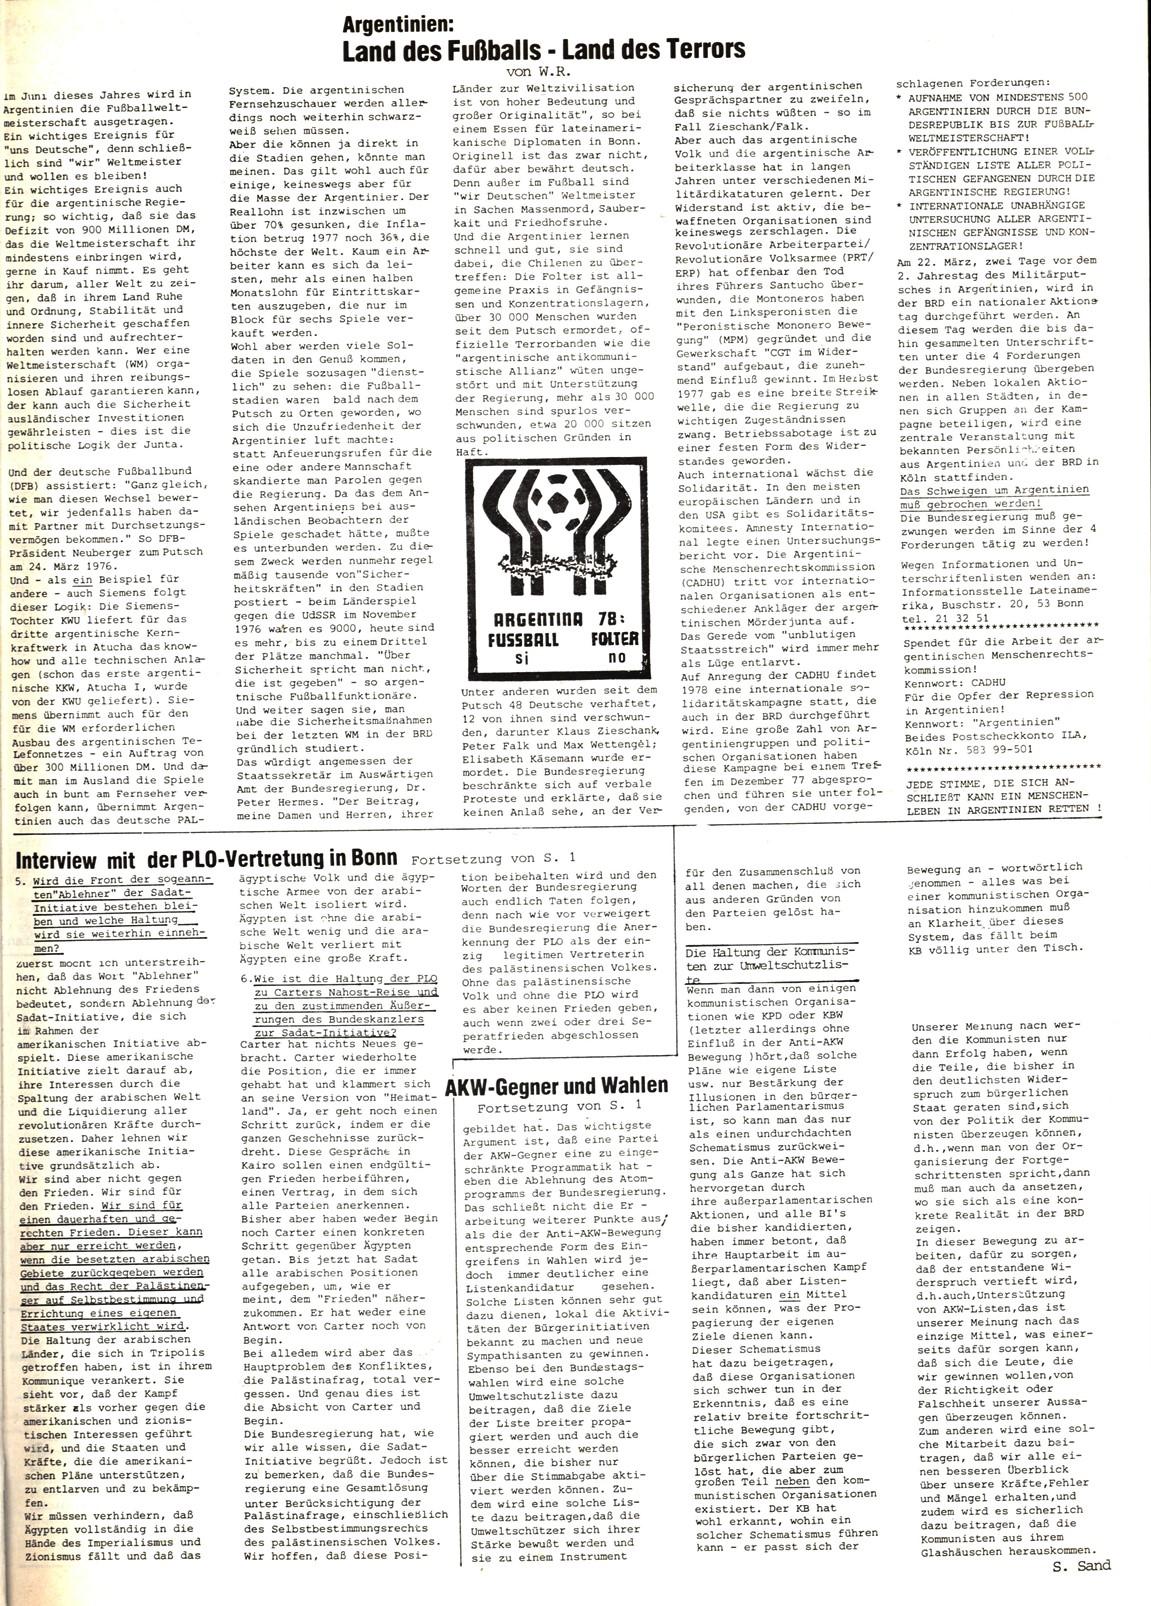 Bonner_Volksblatt_08_19780110_03